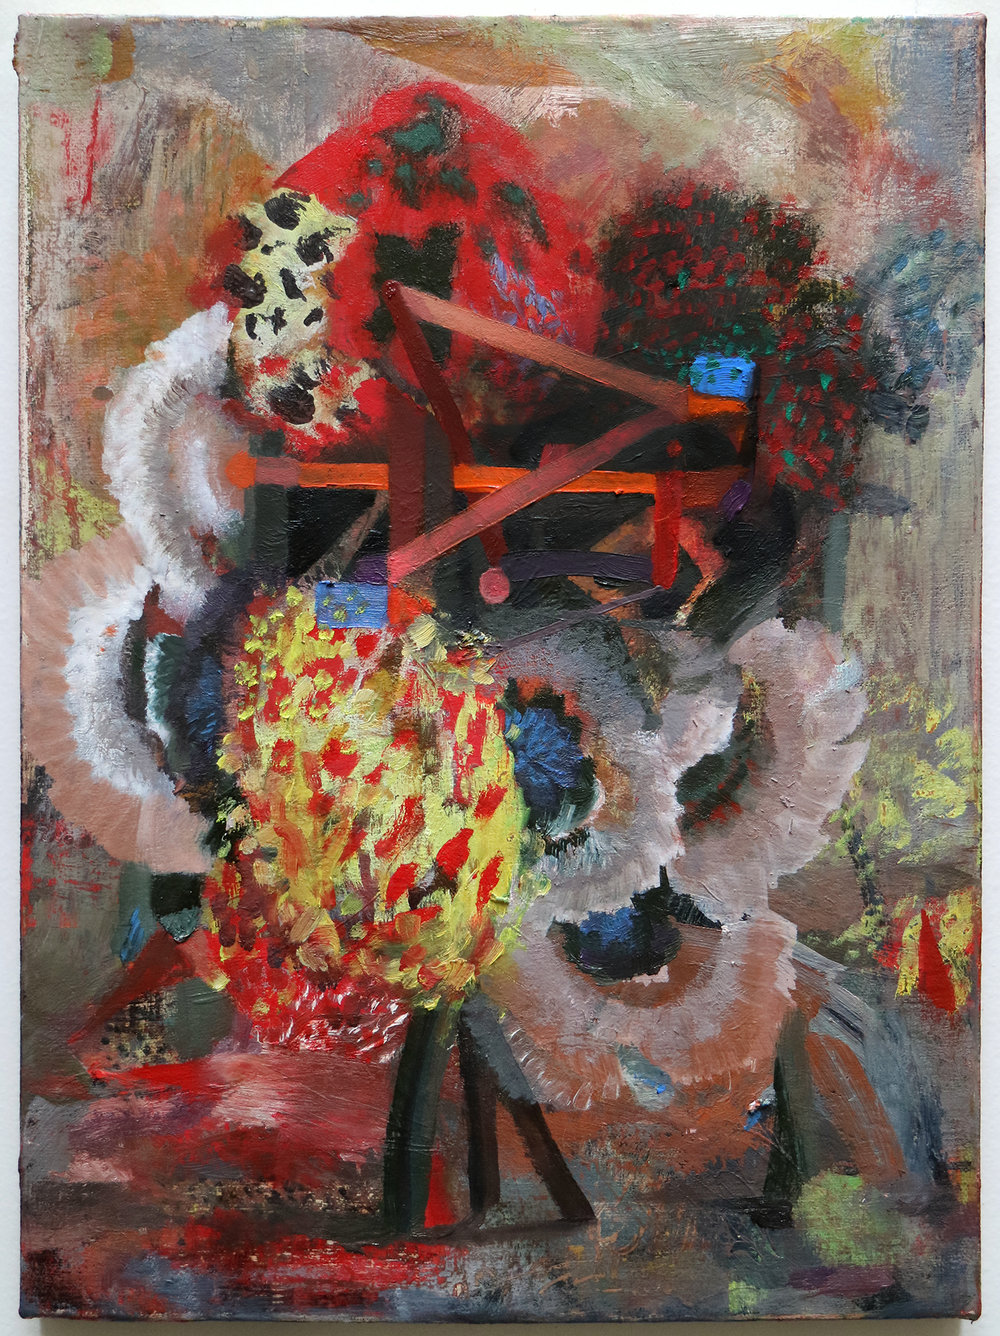 """Lumin Wakoa, """"spinning"""", 2017, oil on linen, 12 x 9 in"""